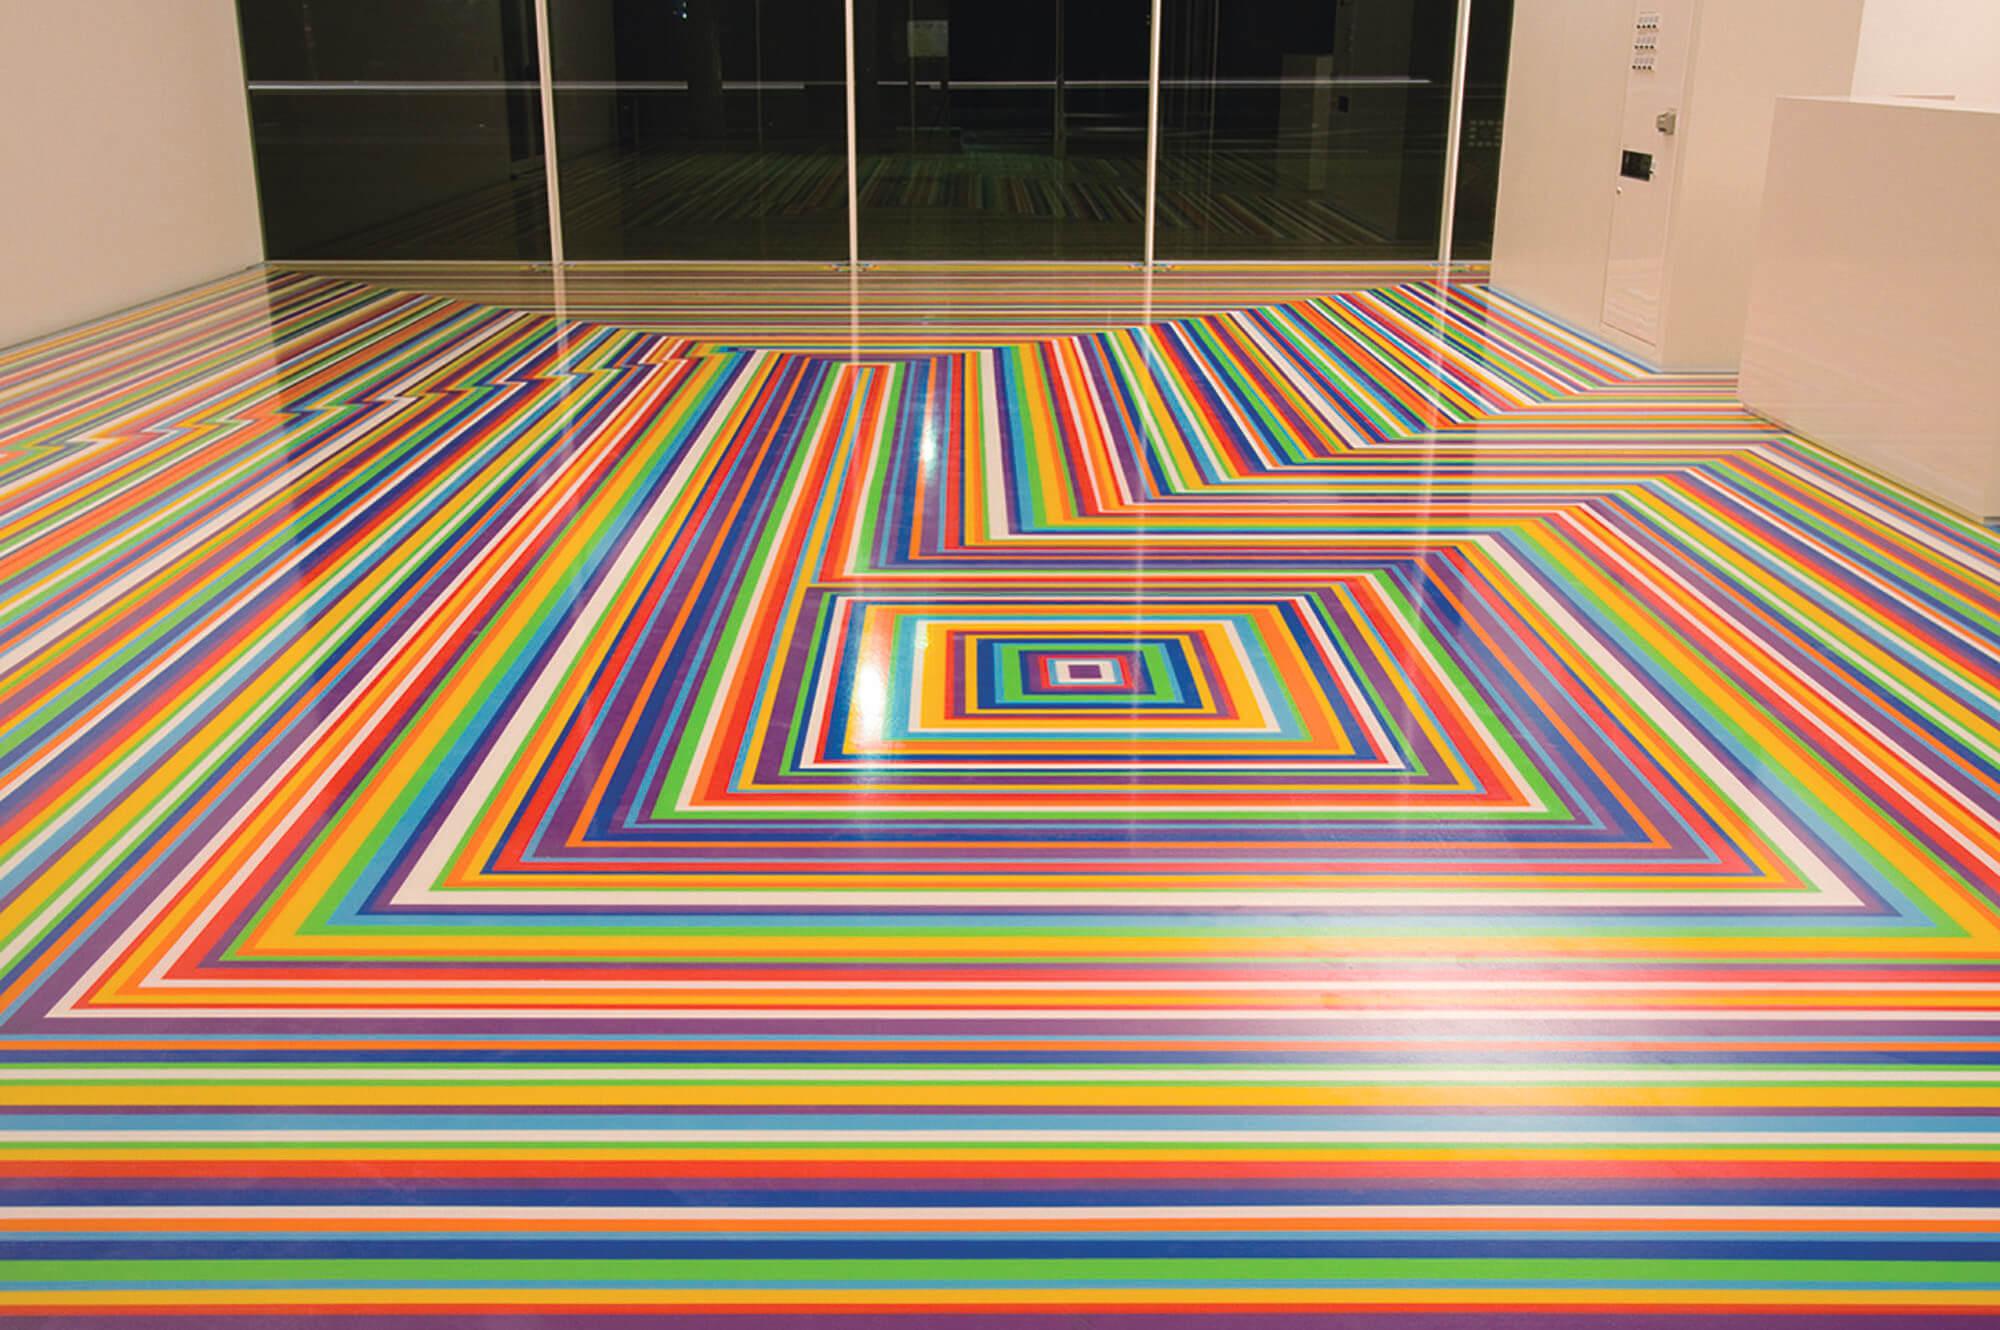 ジム・ランビー Zobop 現代美術 Contemporary Art